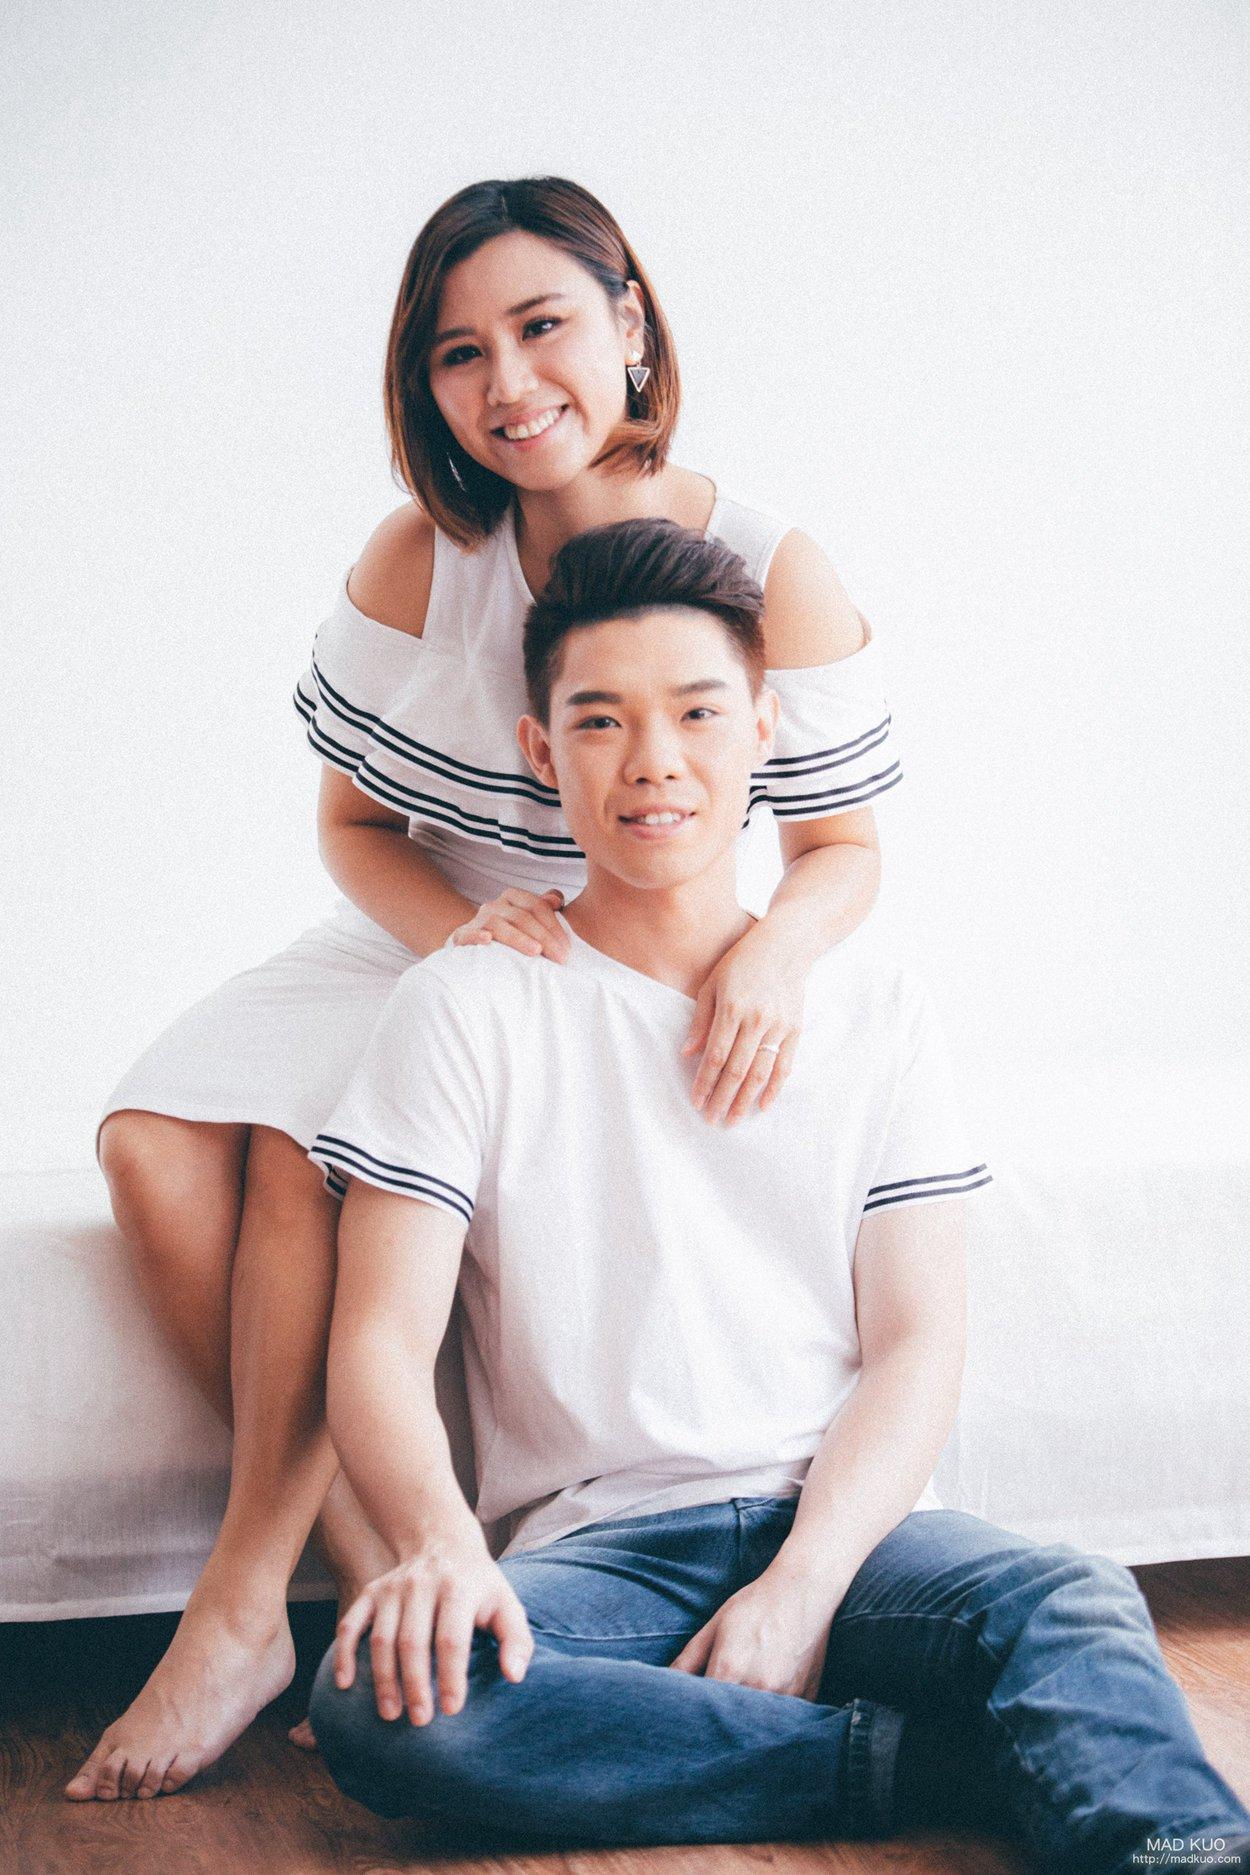 台北情侶寫真,台北個人寫真